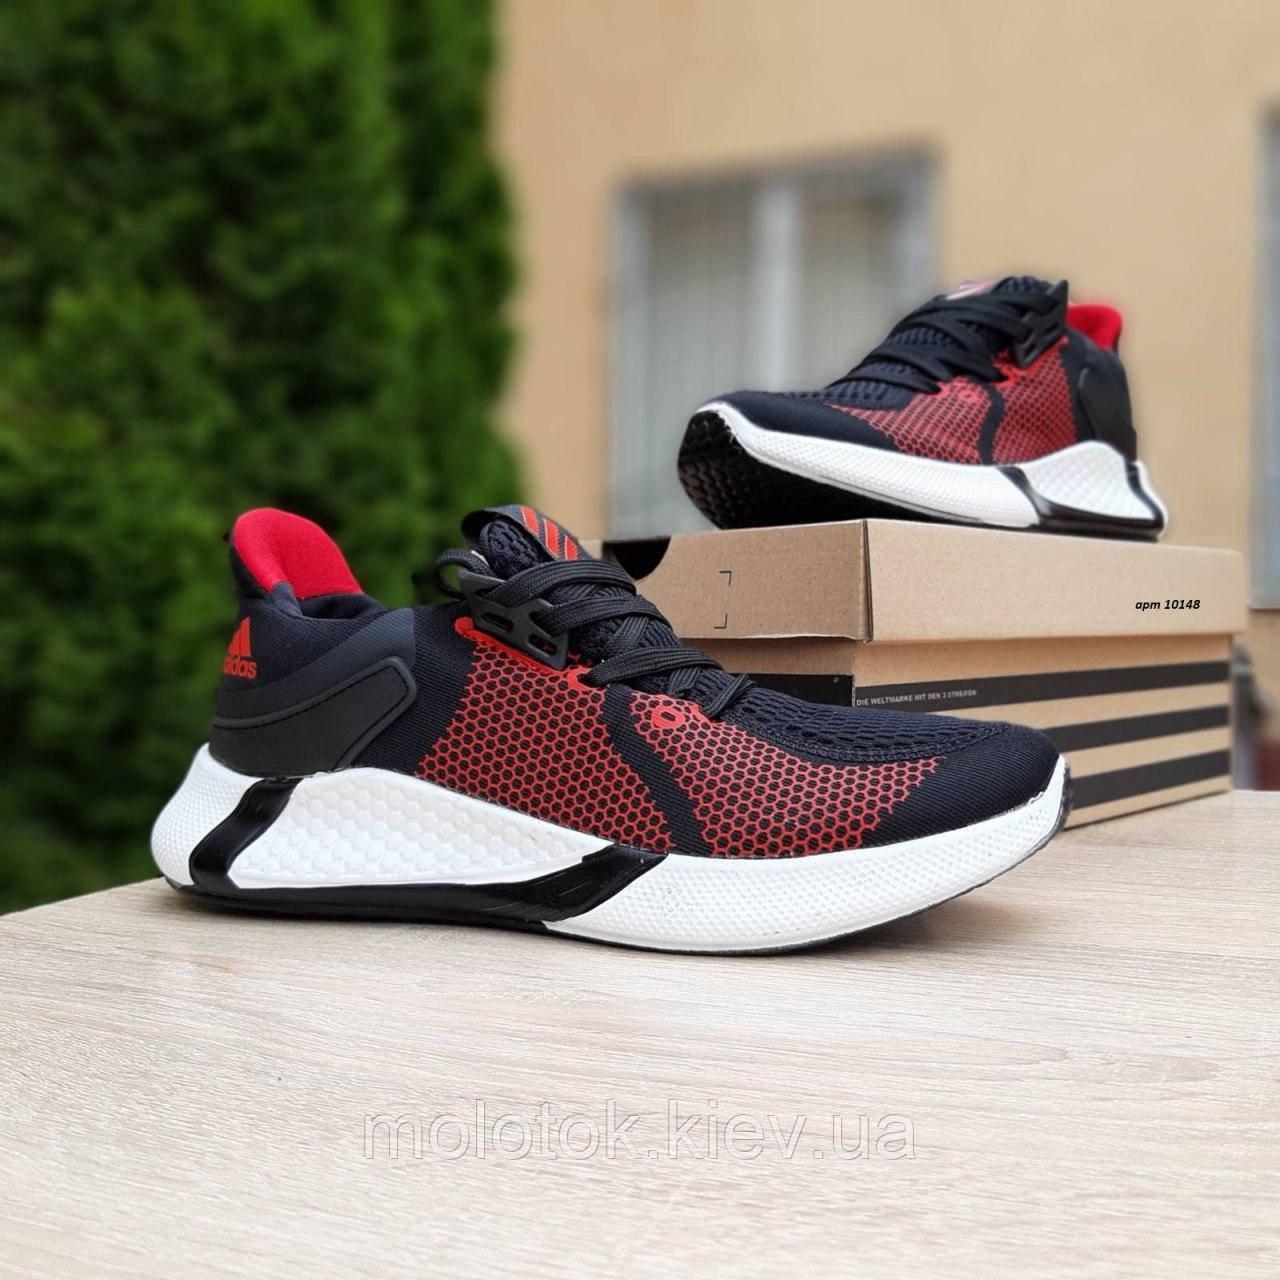 Чоловічі кросівки в стилі Adidas чорні з червоним